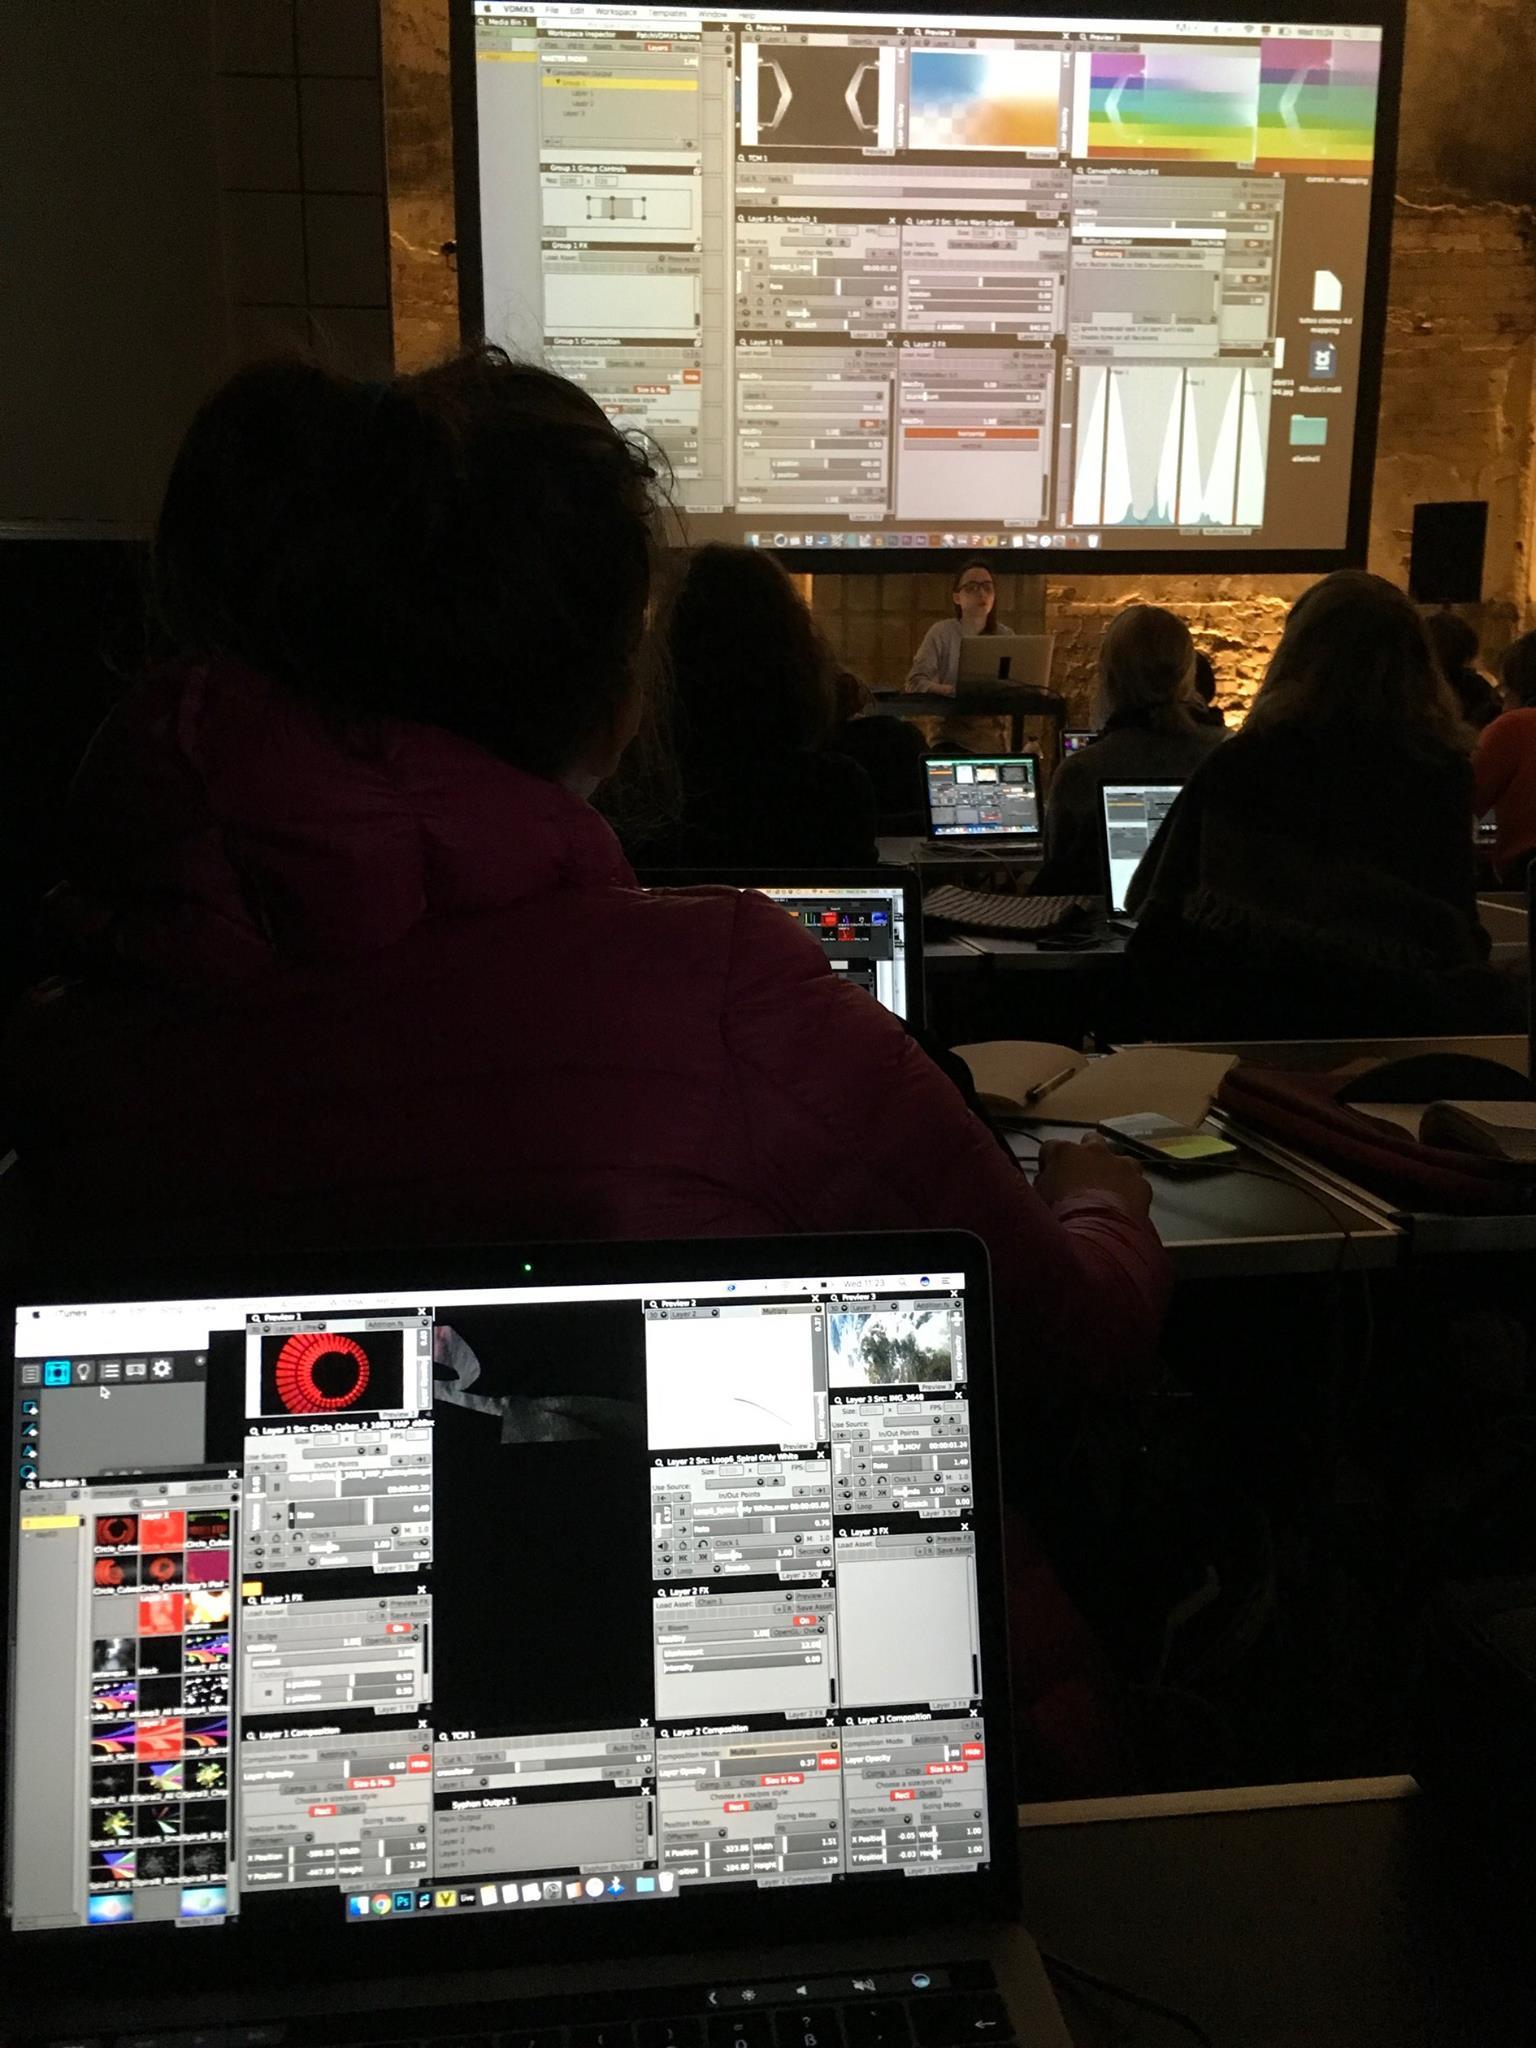 Learning VDMX in Kalma's workshops